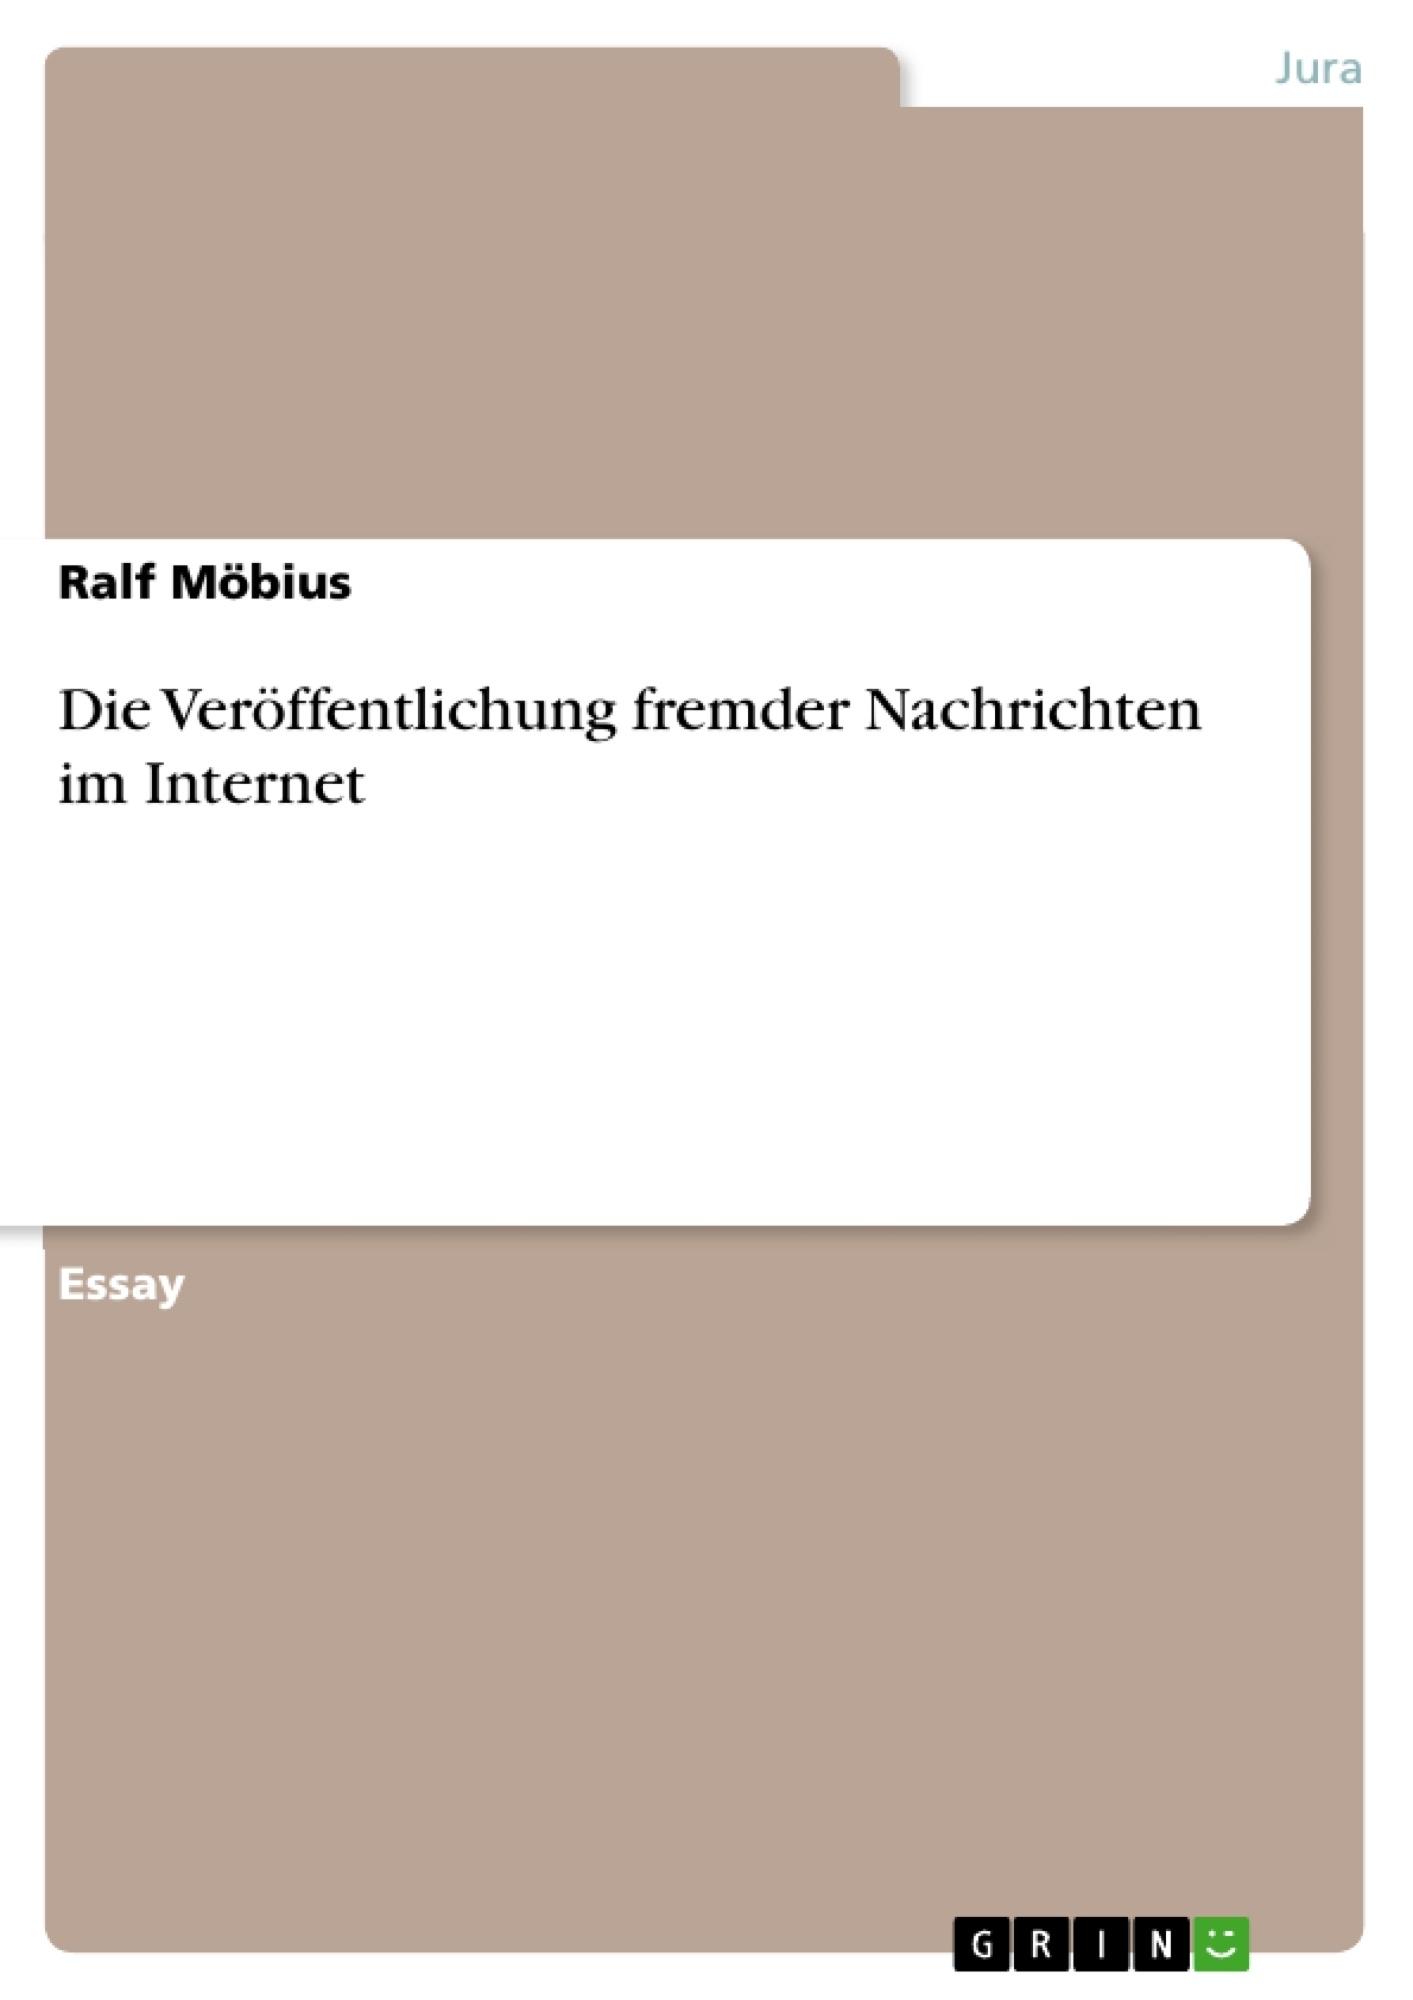 Titel: Die Veröffentlichung fremder Nachrichten im Internet